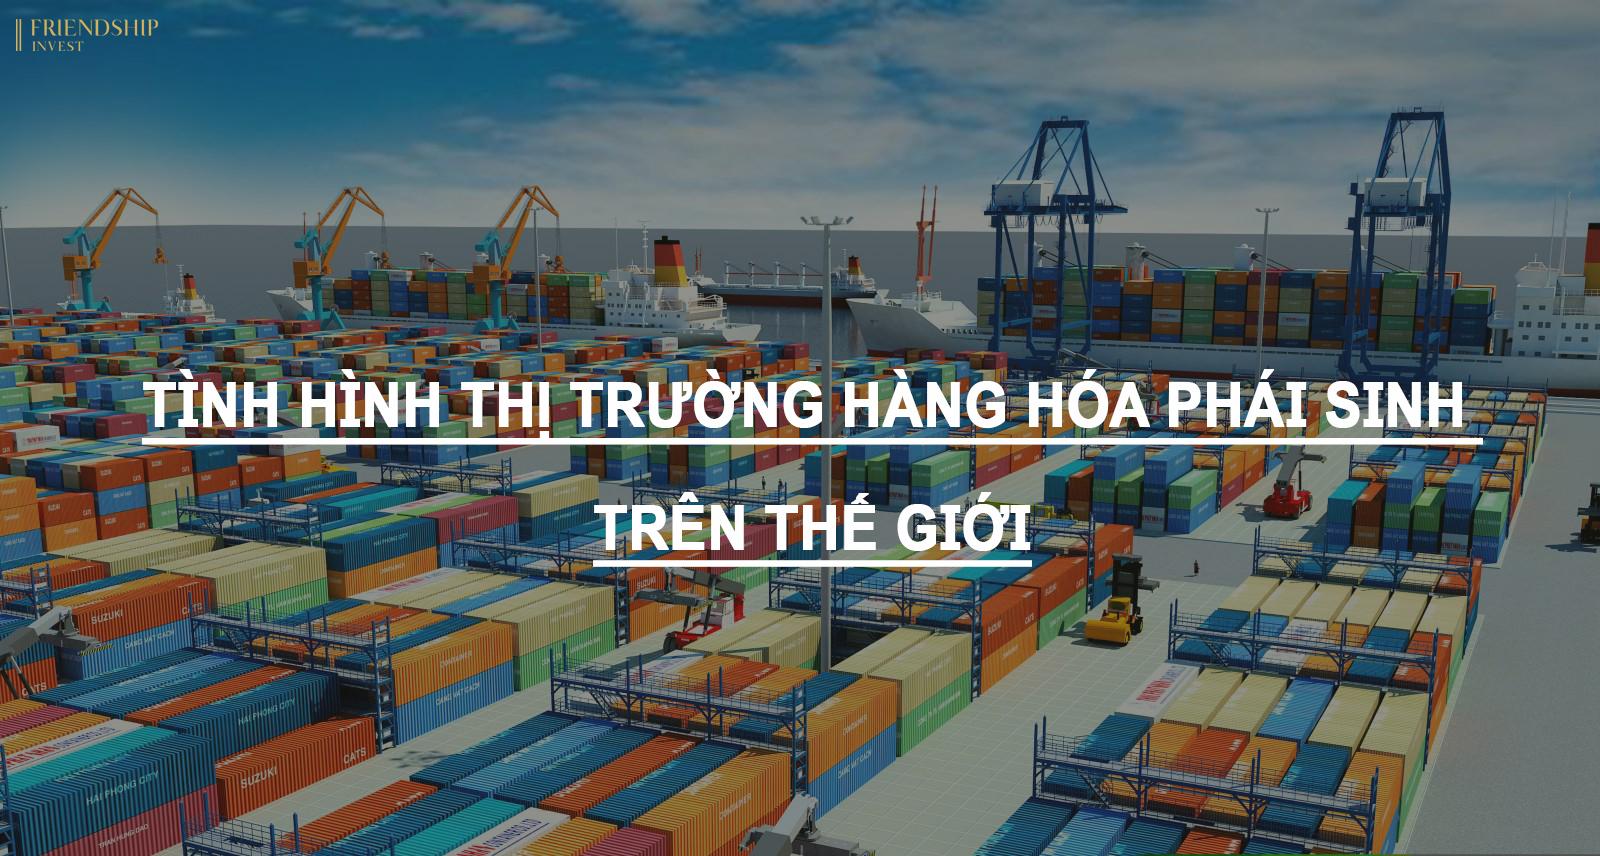 Tình hình thị trường hàng hóa nhập khẩu của Việt Nam